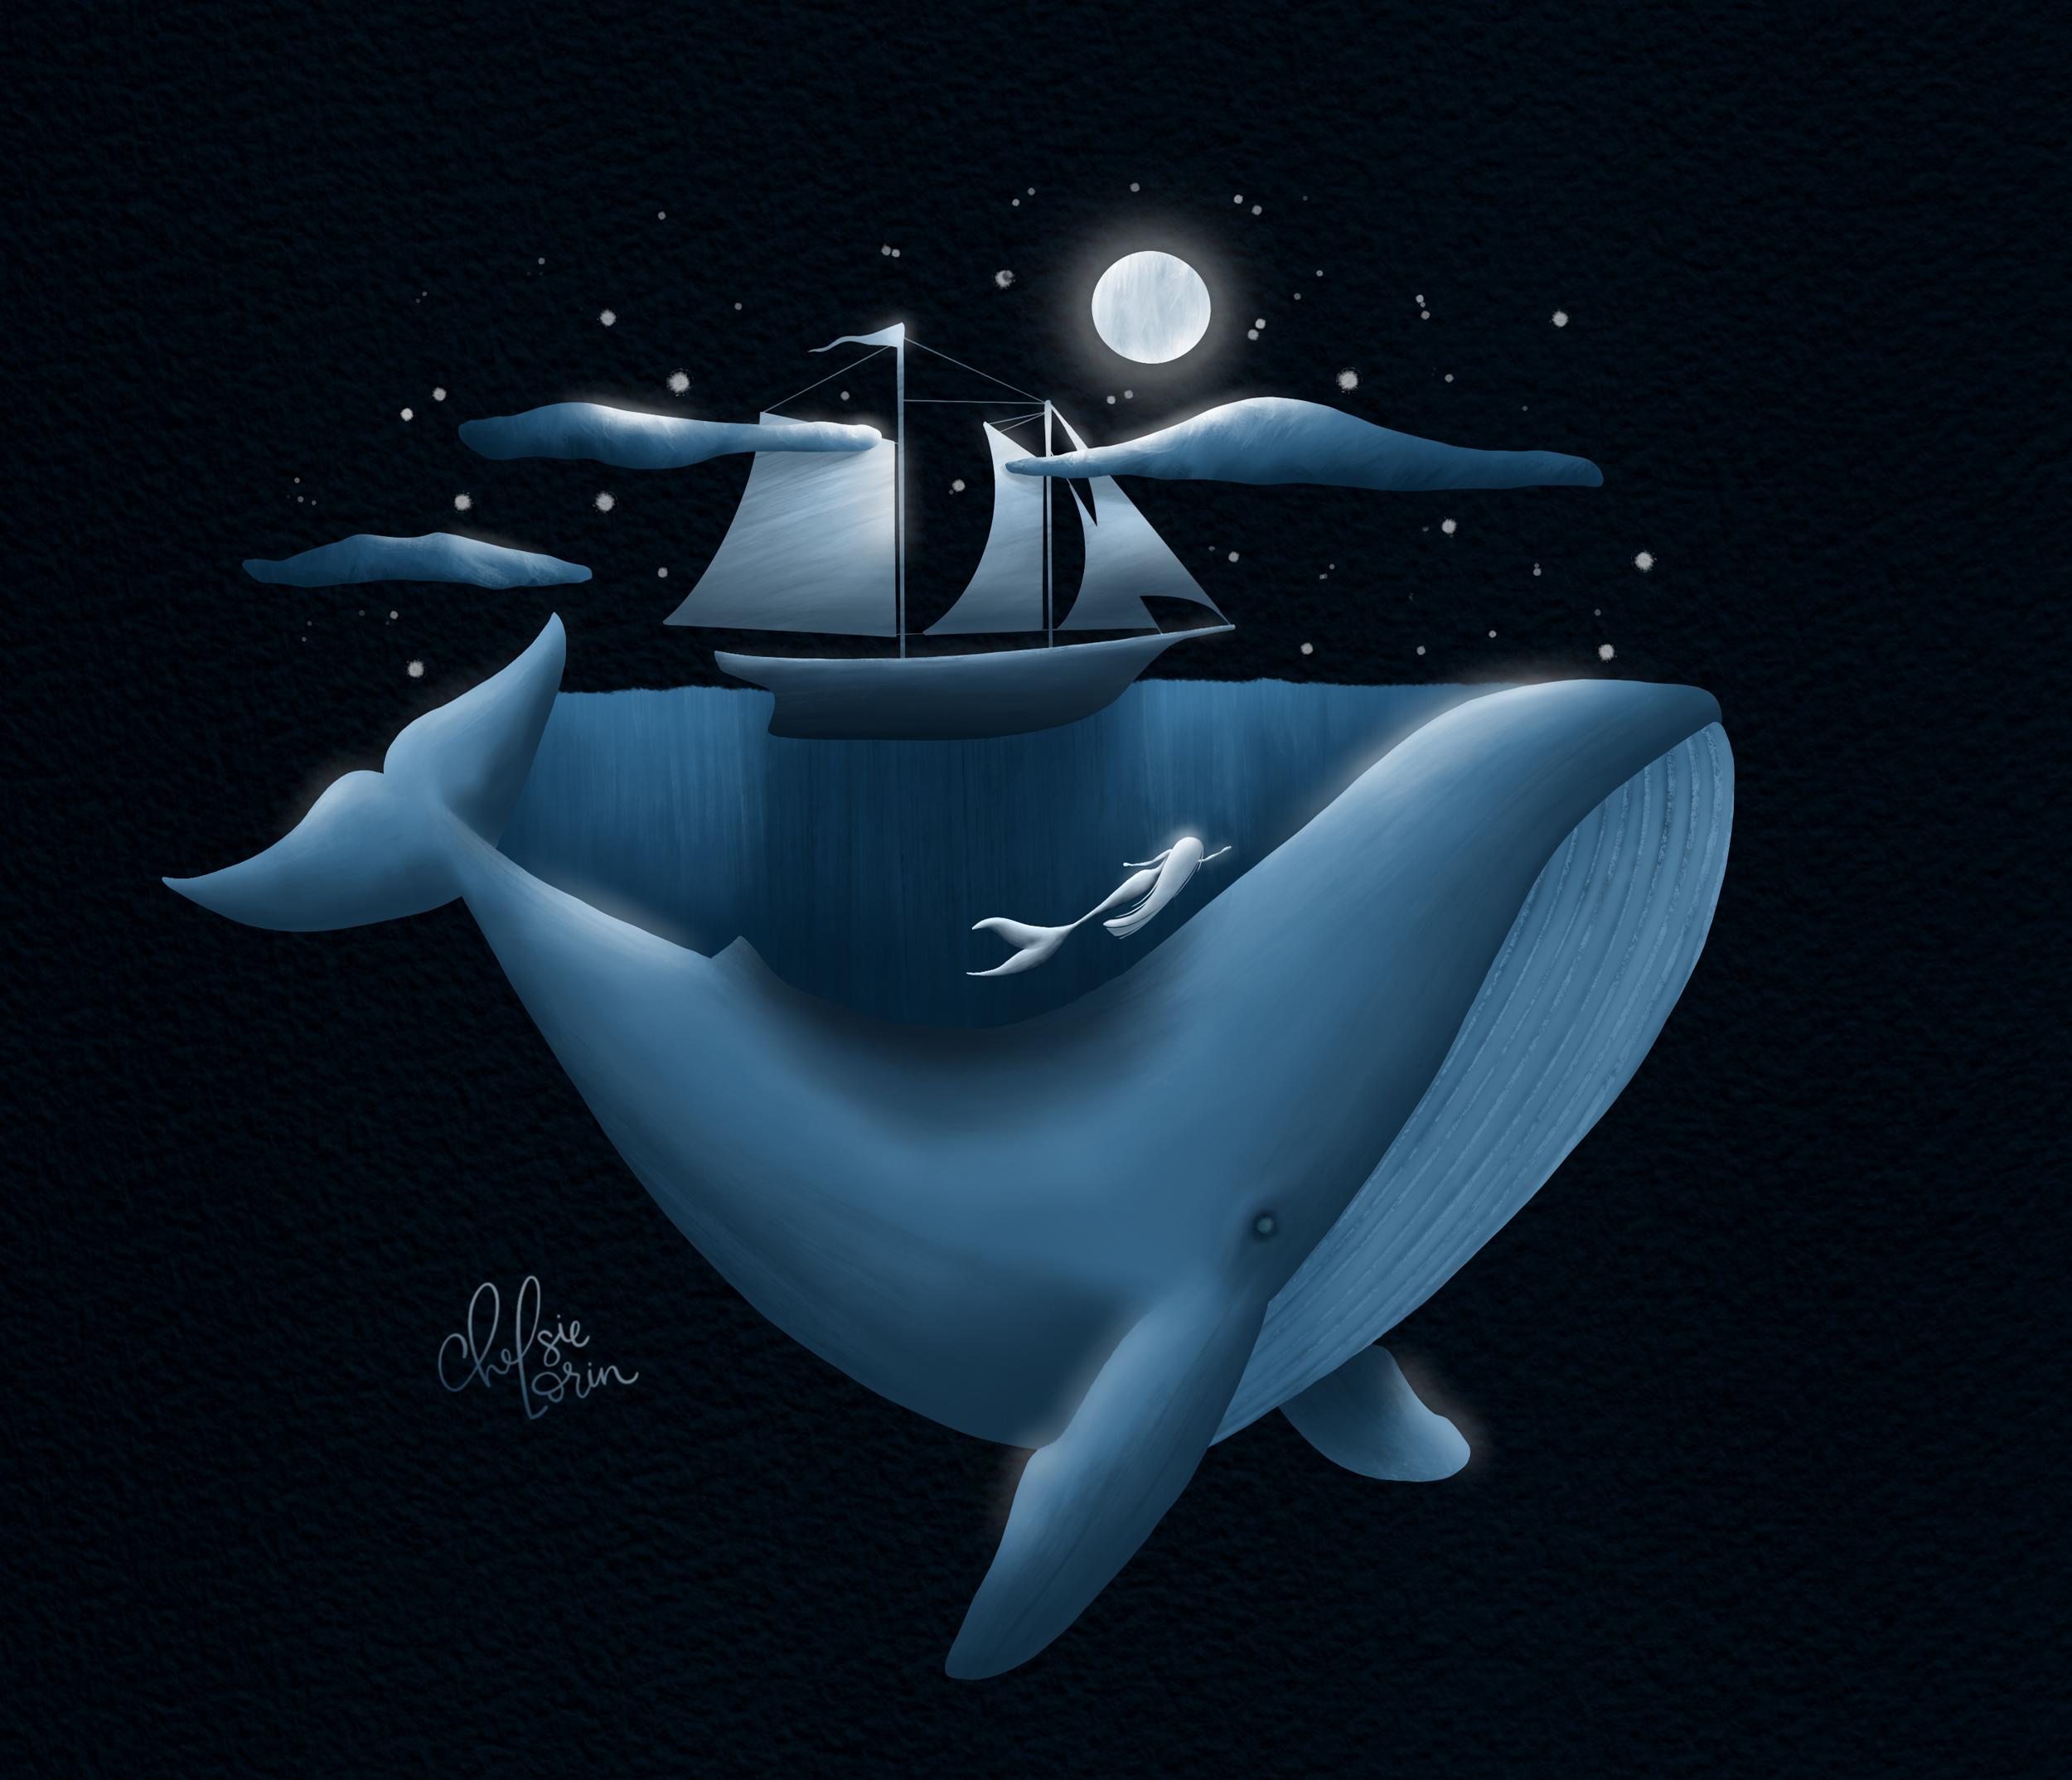 Dreamworld whale